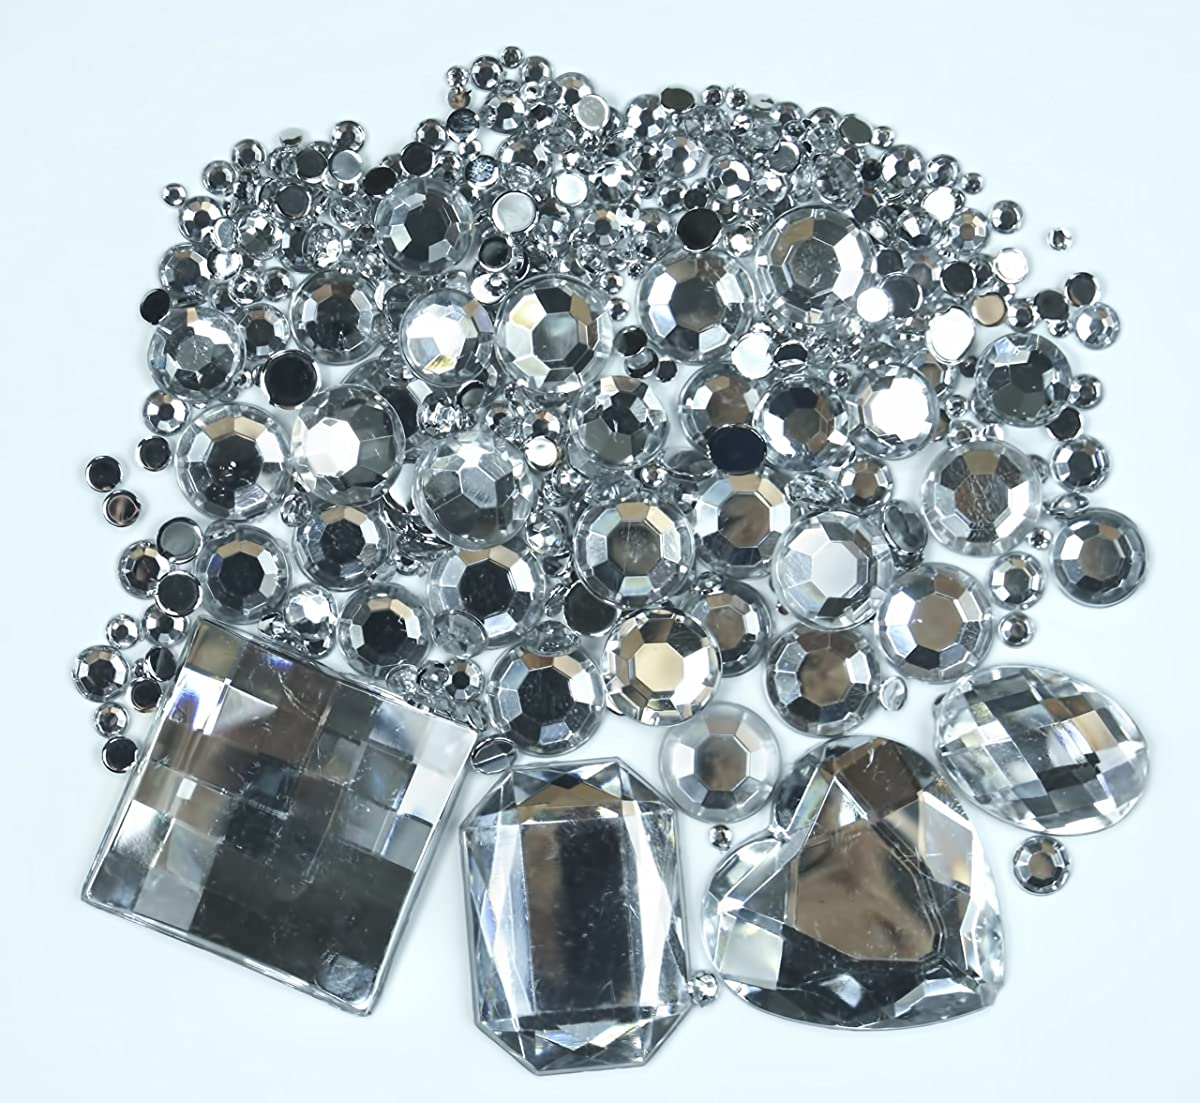 ALL in ONE 1010pcs Acrylic Flatback Rhinestones Gemstone Embellishments for DIY Craft (Clear)